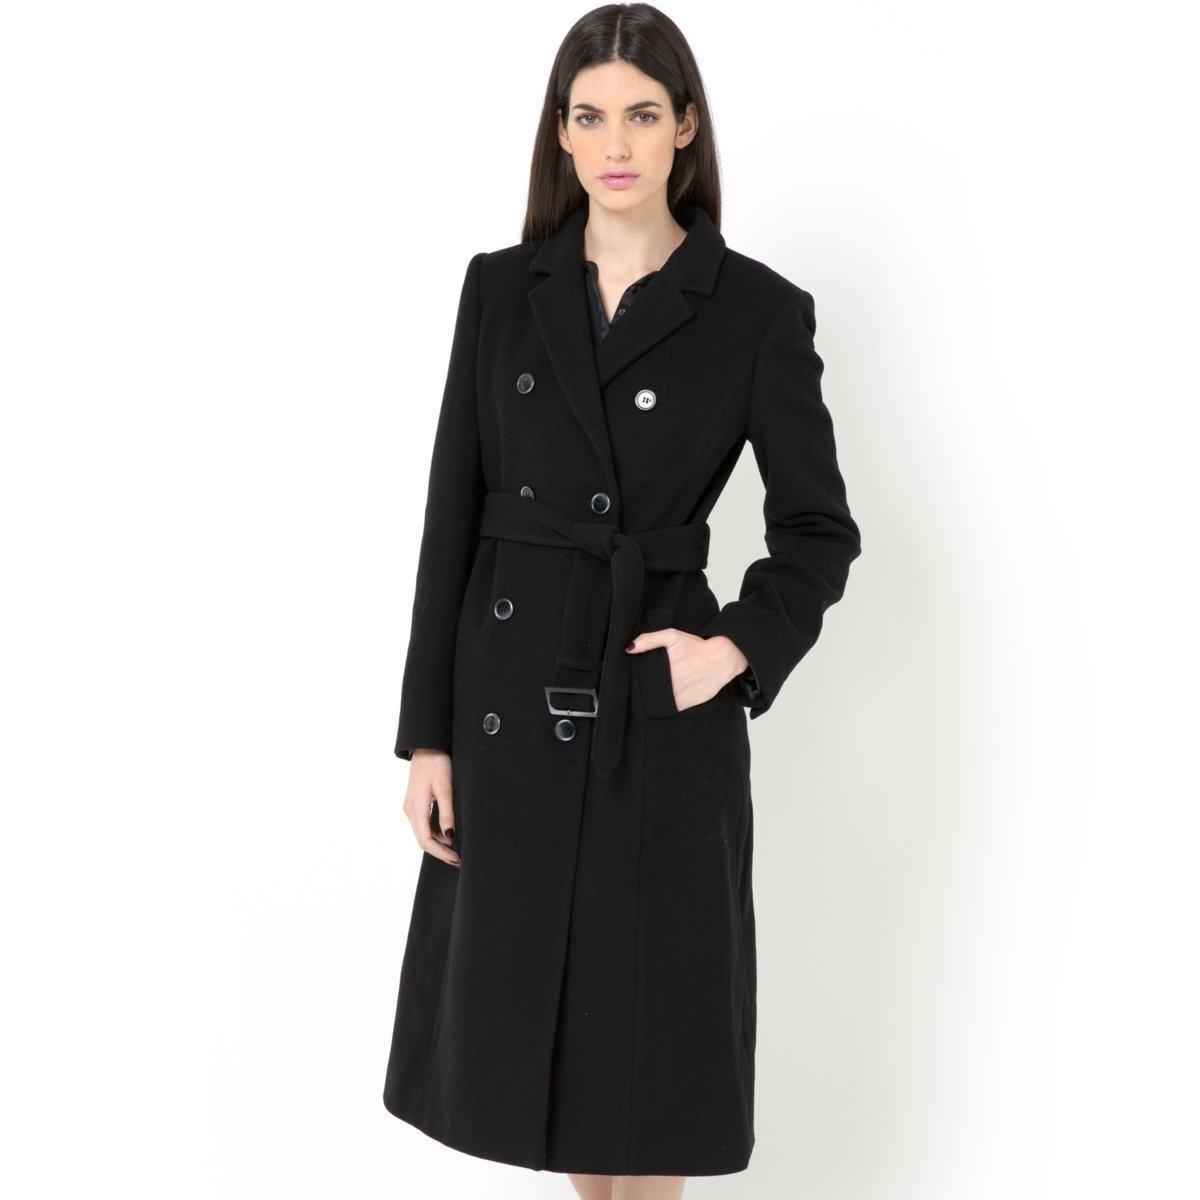 LAURA CLEMENT Пальто полудллинное с поясом из шерстяного велюра